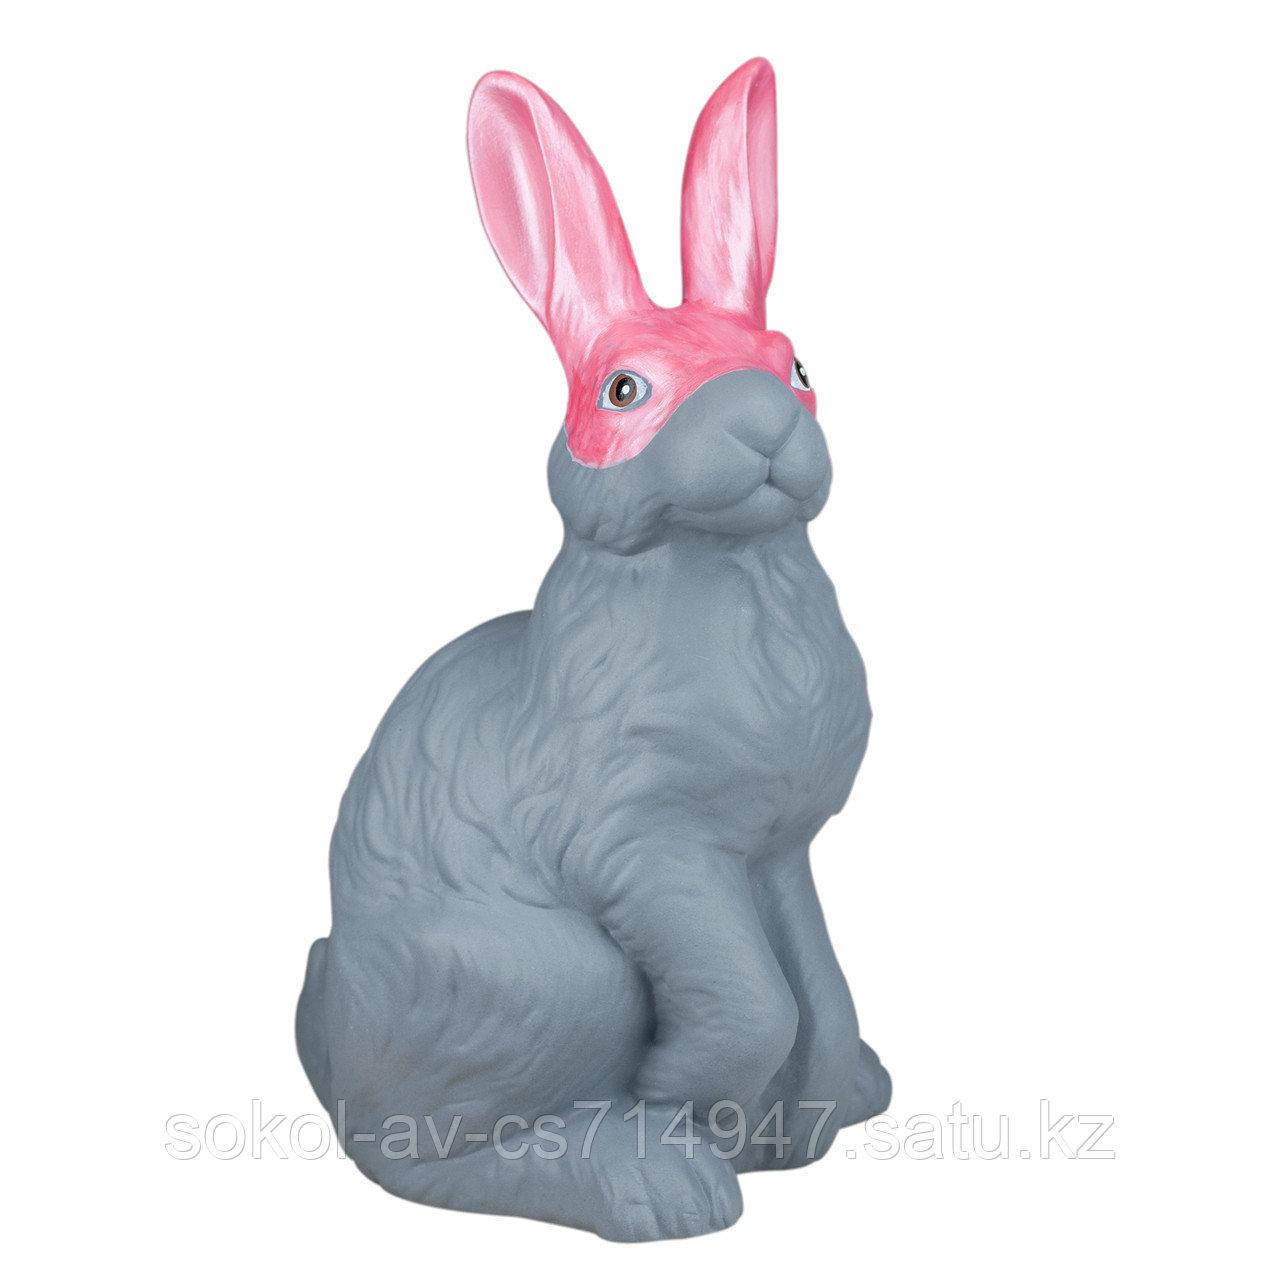 Копилка / статуэтка керамическая Заяц / кролик, высота 40 см, 004